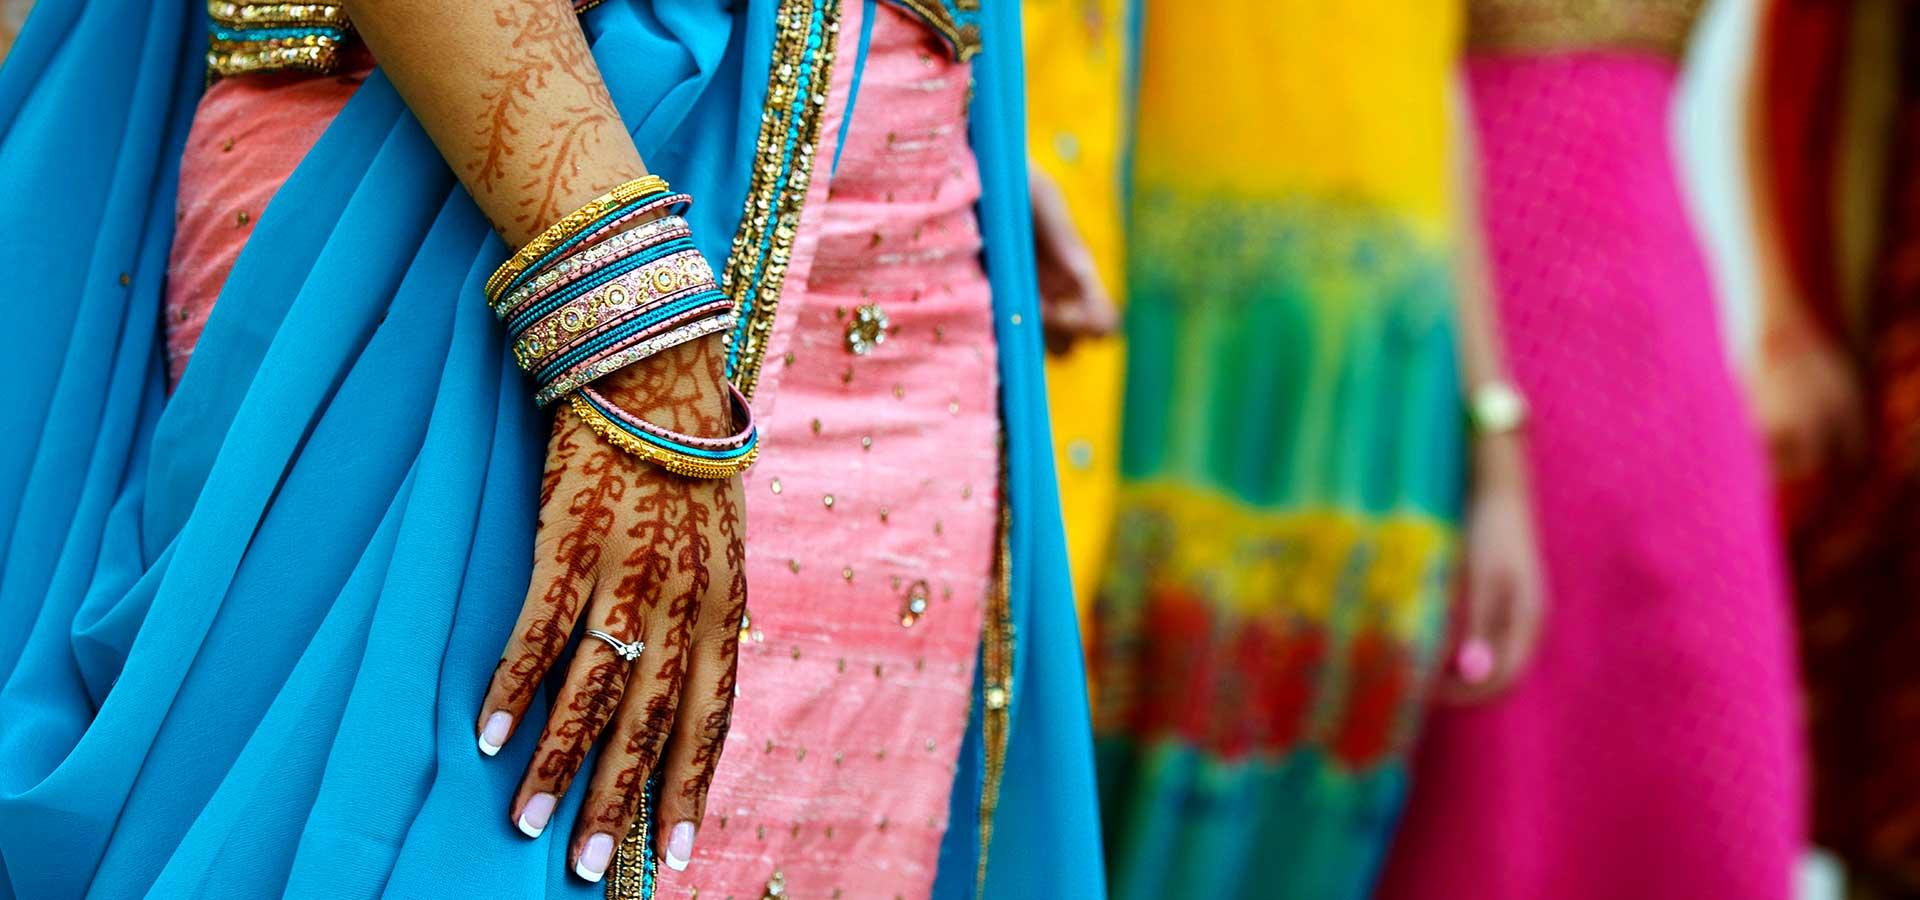 Indienne aux vêtements colorés